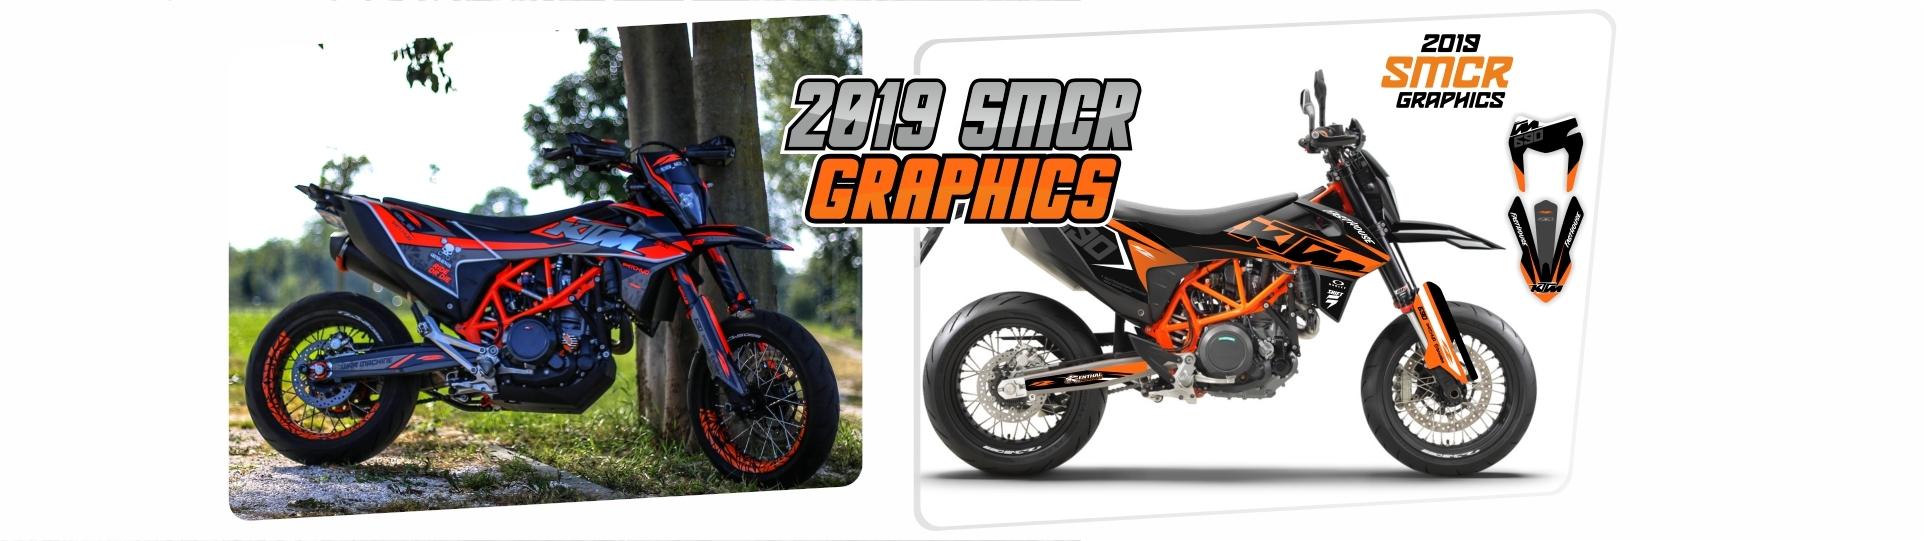 Graphics kit for SMCR 690 2019